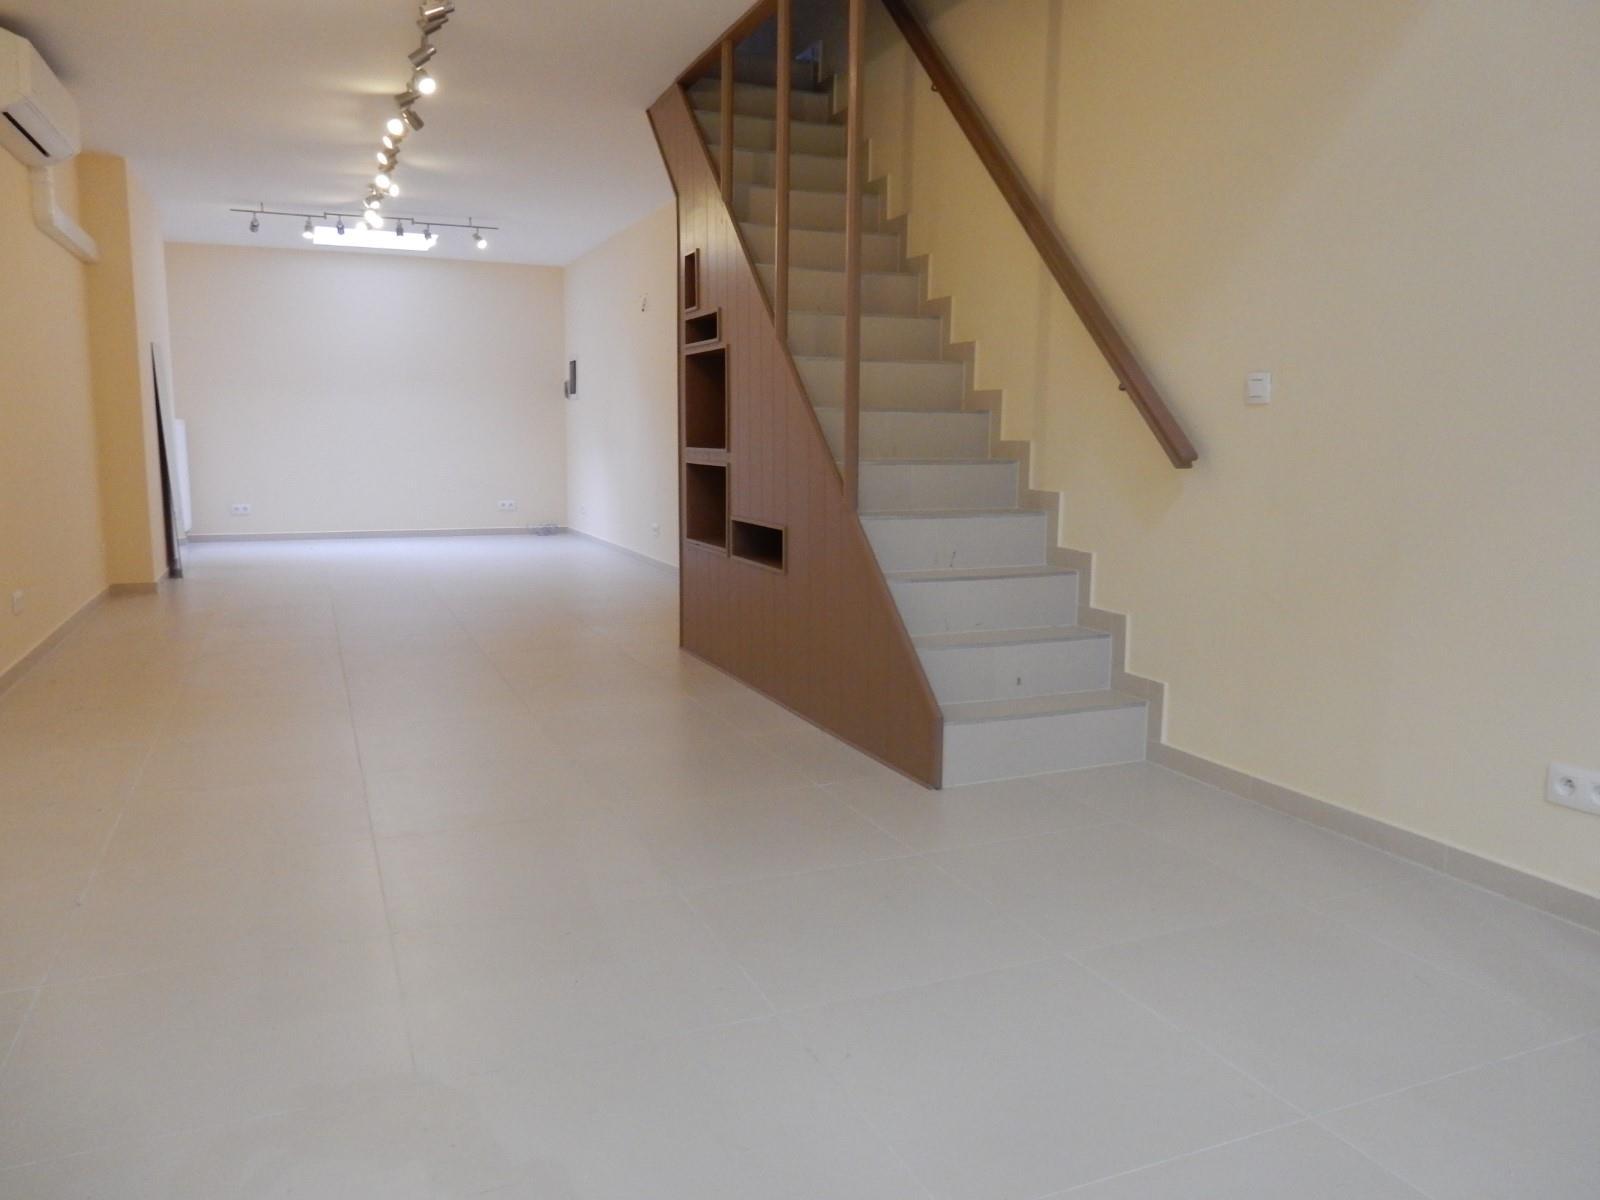 Commercial groundfloor - Etterbeek - #3645209-1